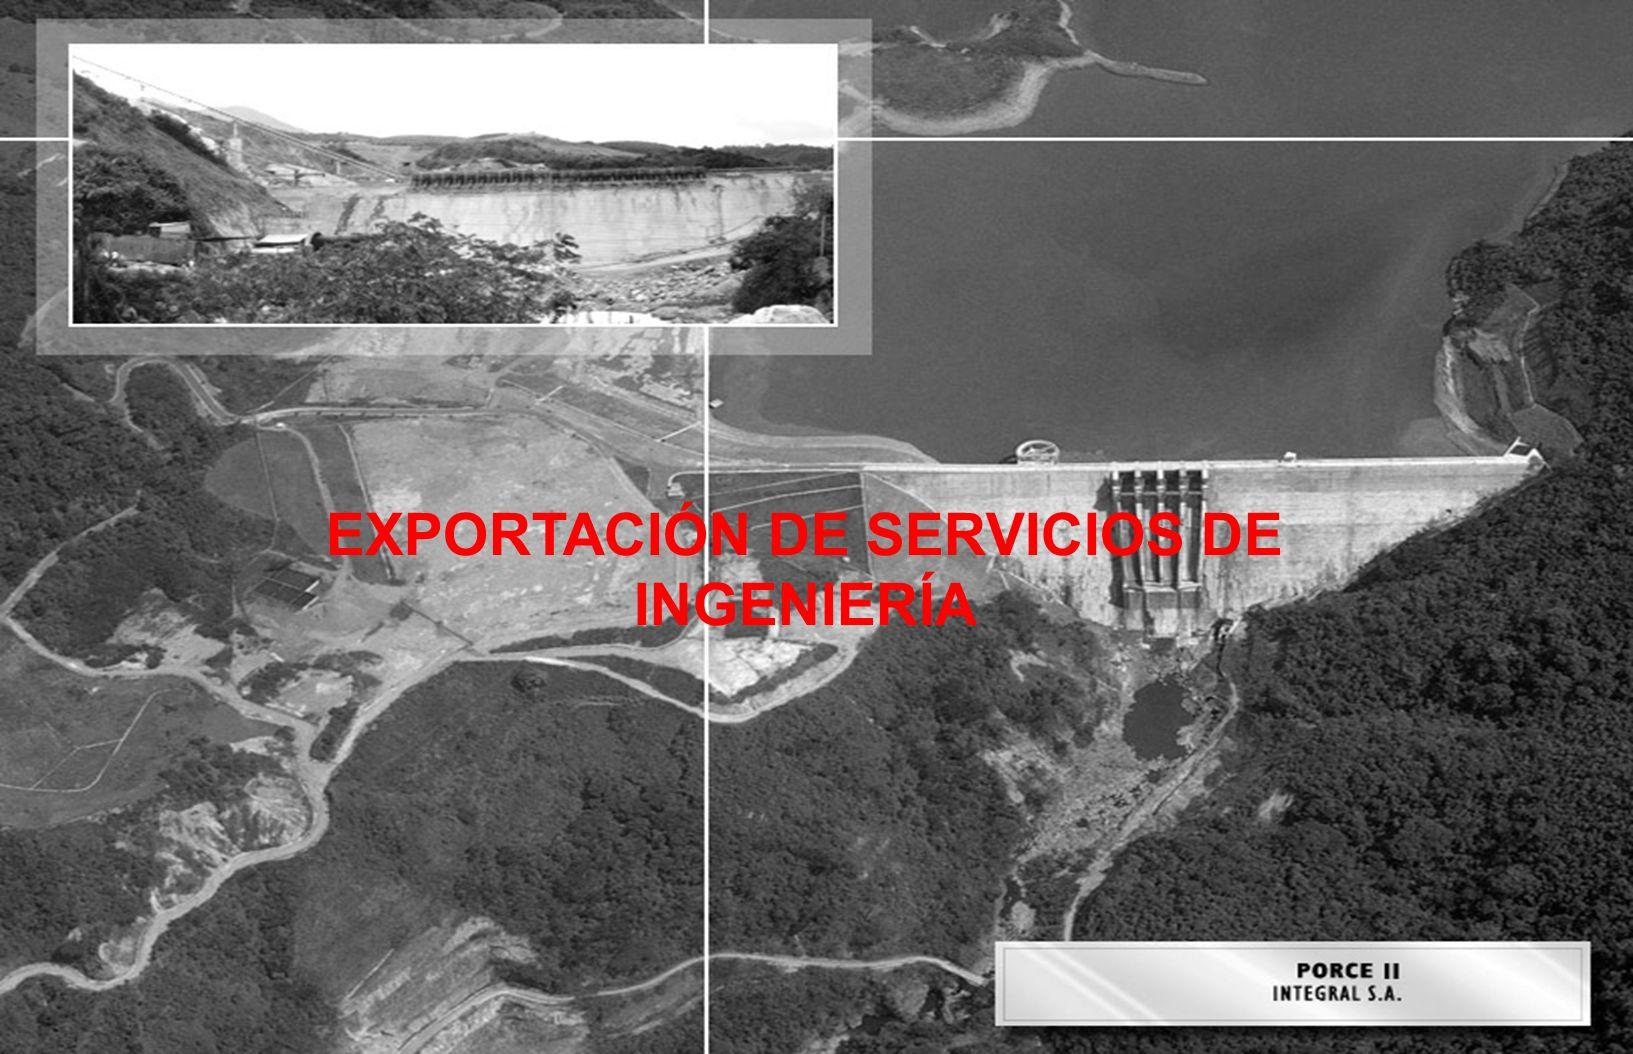 EXPORTACIÓN DE SERVICIOS DE INGENIERÍA